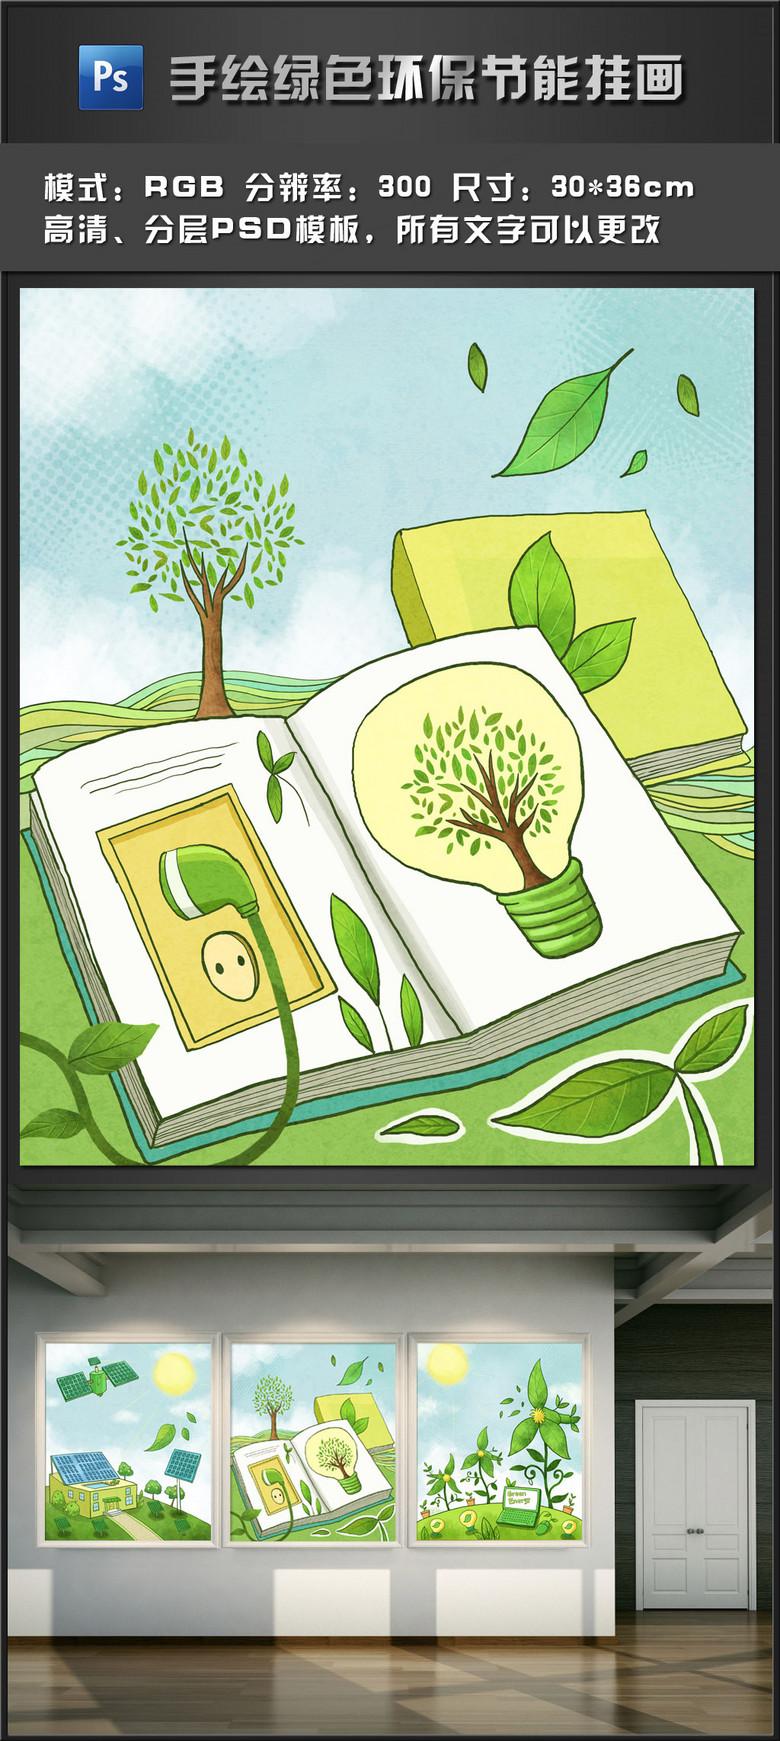 手抄报|小报 环保手抄报 爱护动植物手抄报 > 手绘绿色环保节能小报